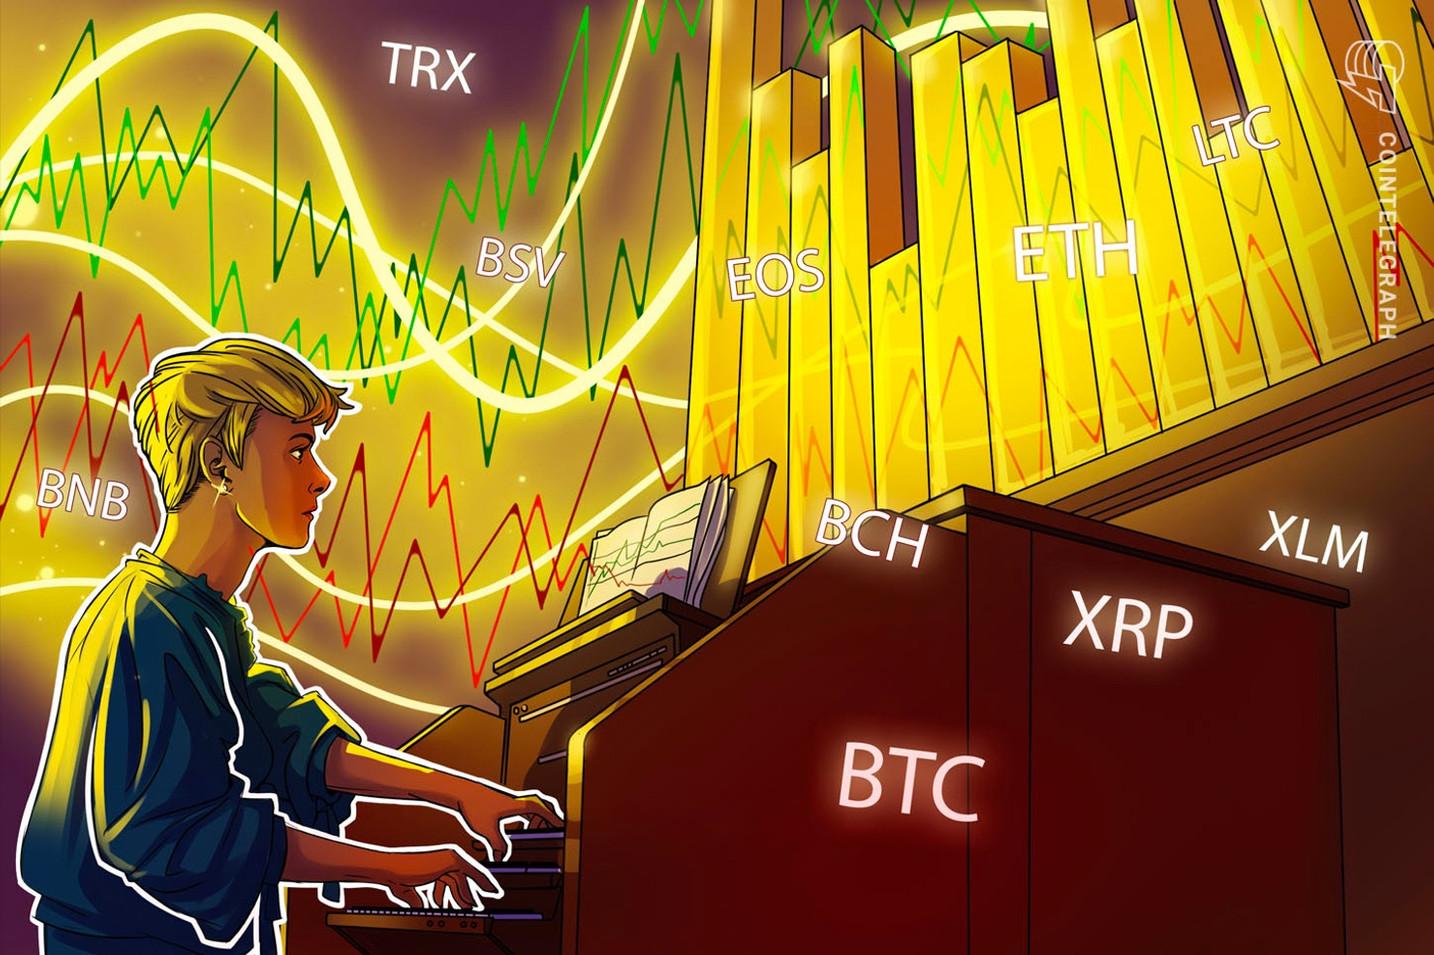 セキュリティ重視の仮想通貨取引所ランキング、3位はコインベース、2位はパクソス、1位は..??【ニュース】